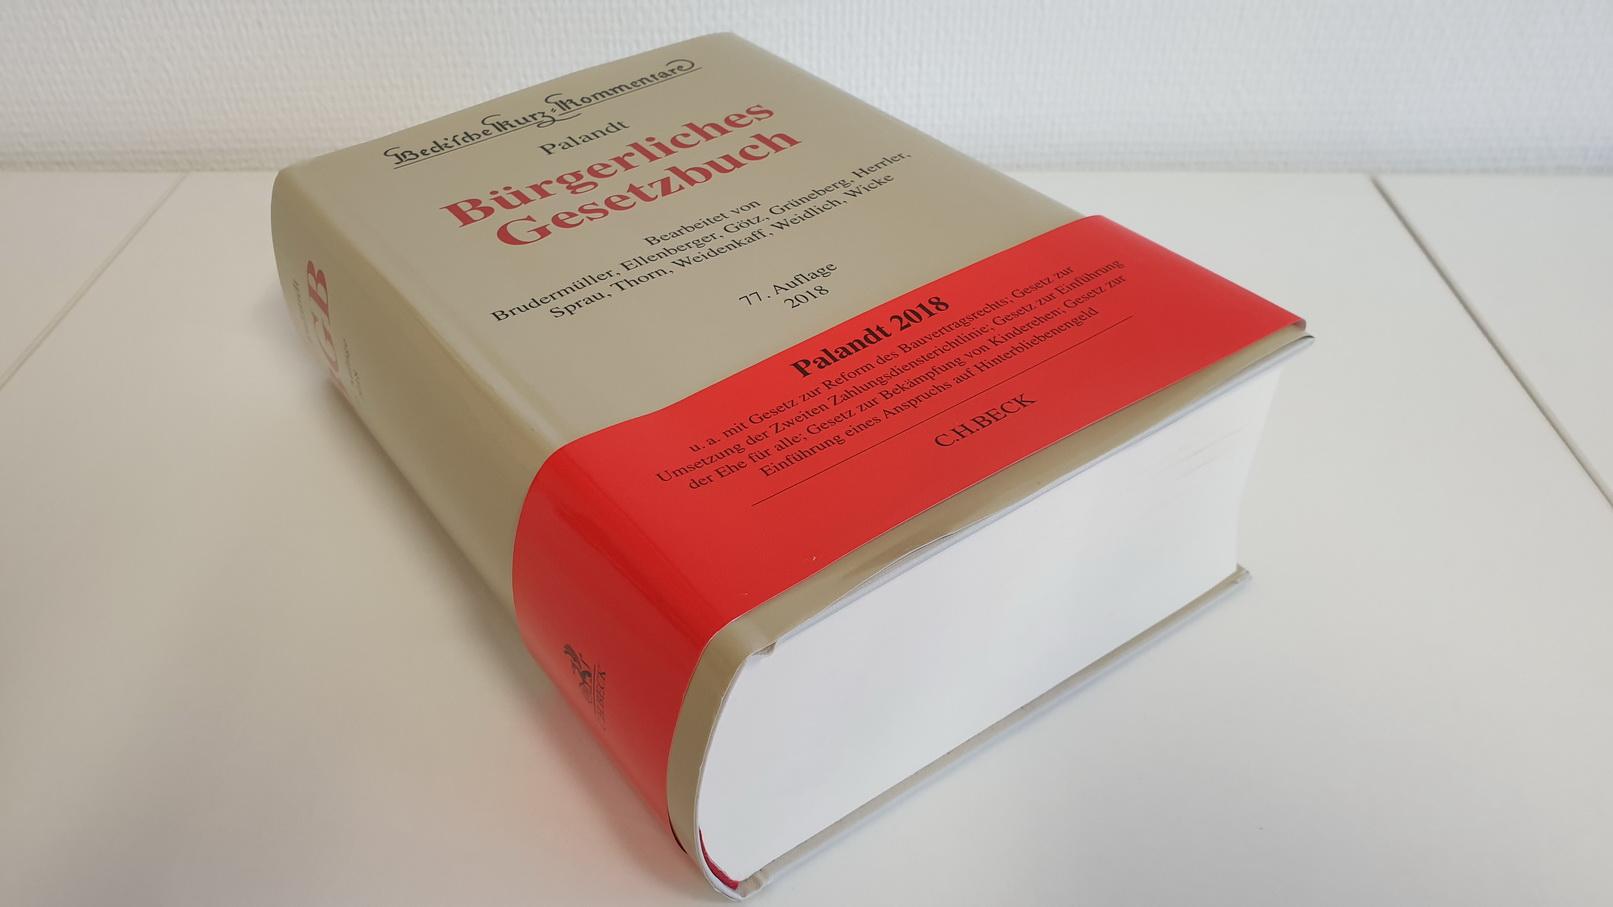 Waldorf Frommer, Waldorf Frommer Rechtsanwälte, Urheberrecht, Urheberrechtsverletzung, Abmahnung, Film, Warner Bros.